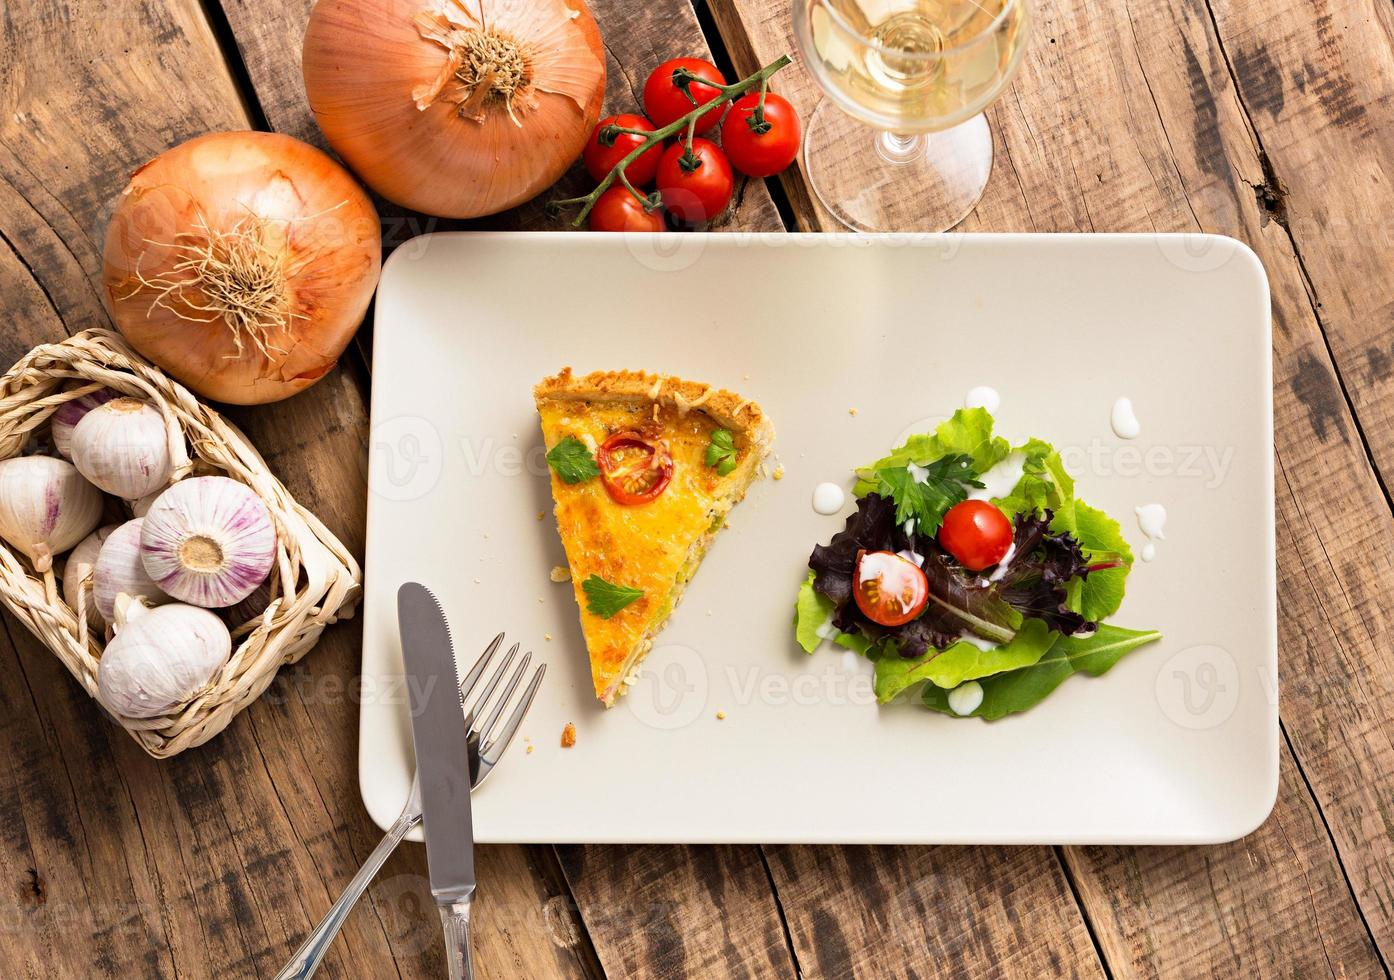 tranche de quiche lorraine - cuisine française photo